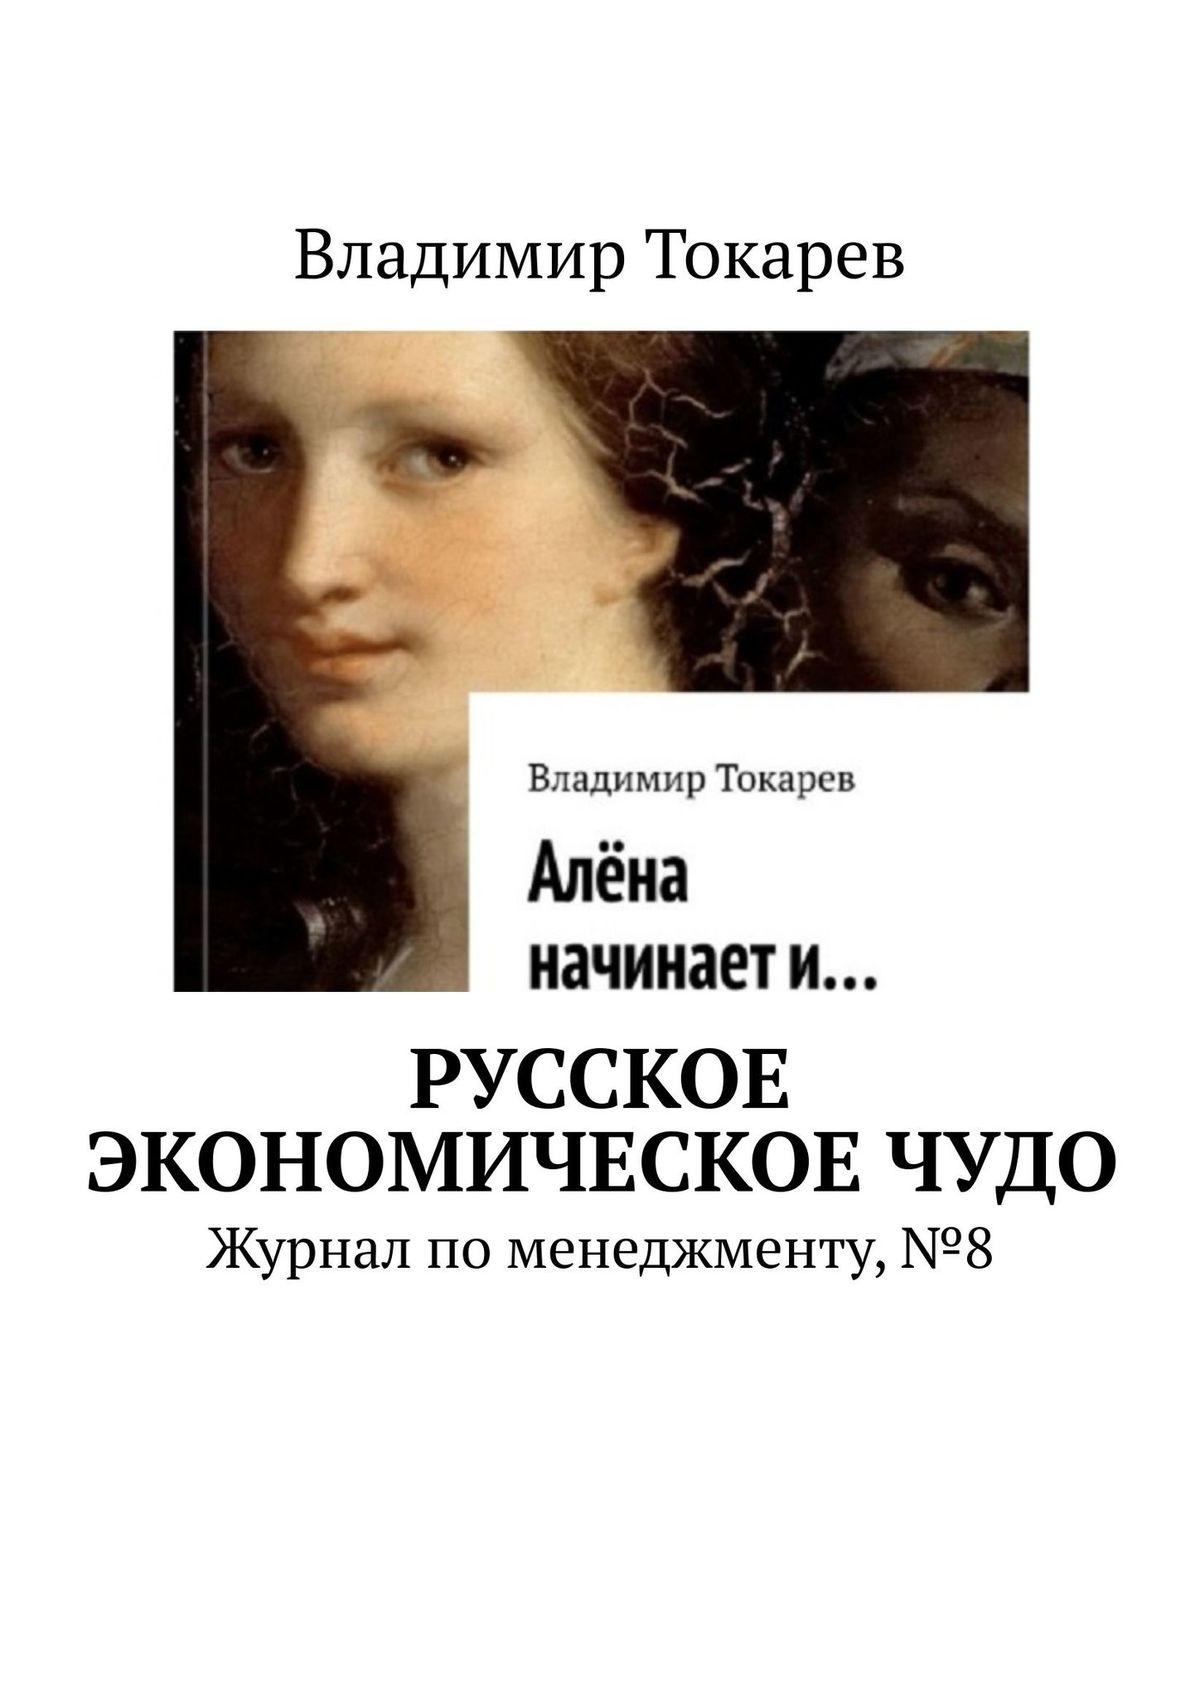 Русское экономическоечудо. Журнал по менеджменту, №8